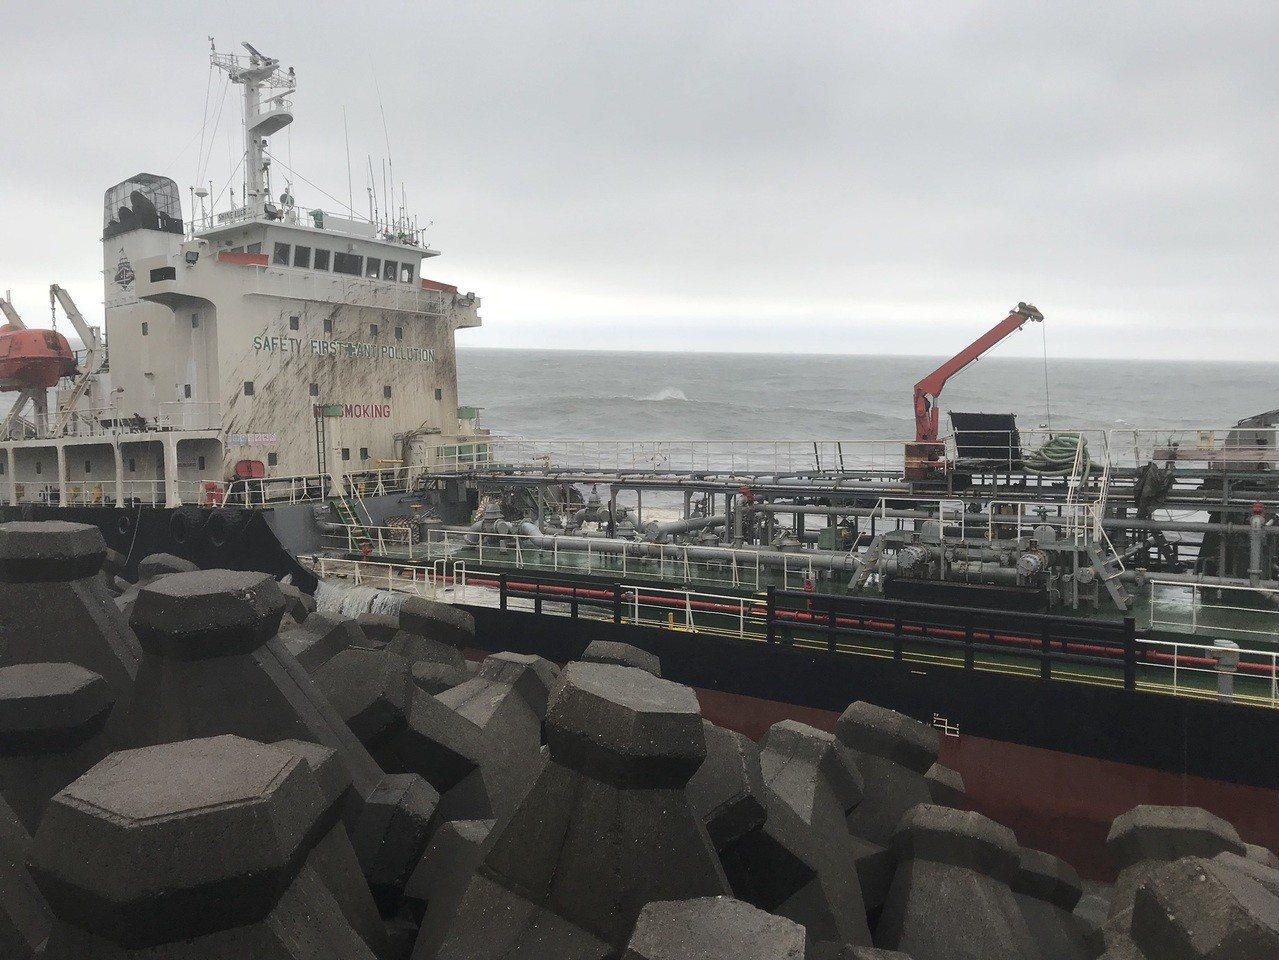 擱淺鳳鼻頭油輪 已經開始漏油有重油味。記者劉星君/攝影